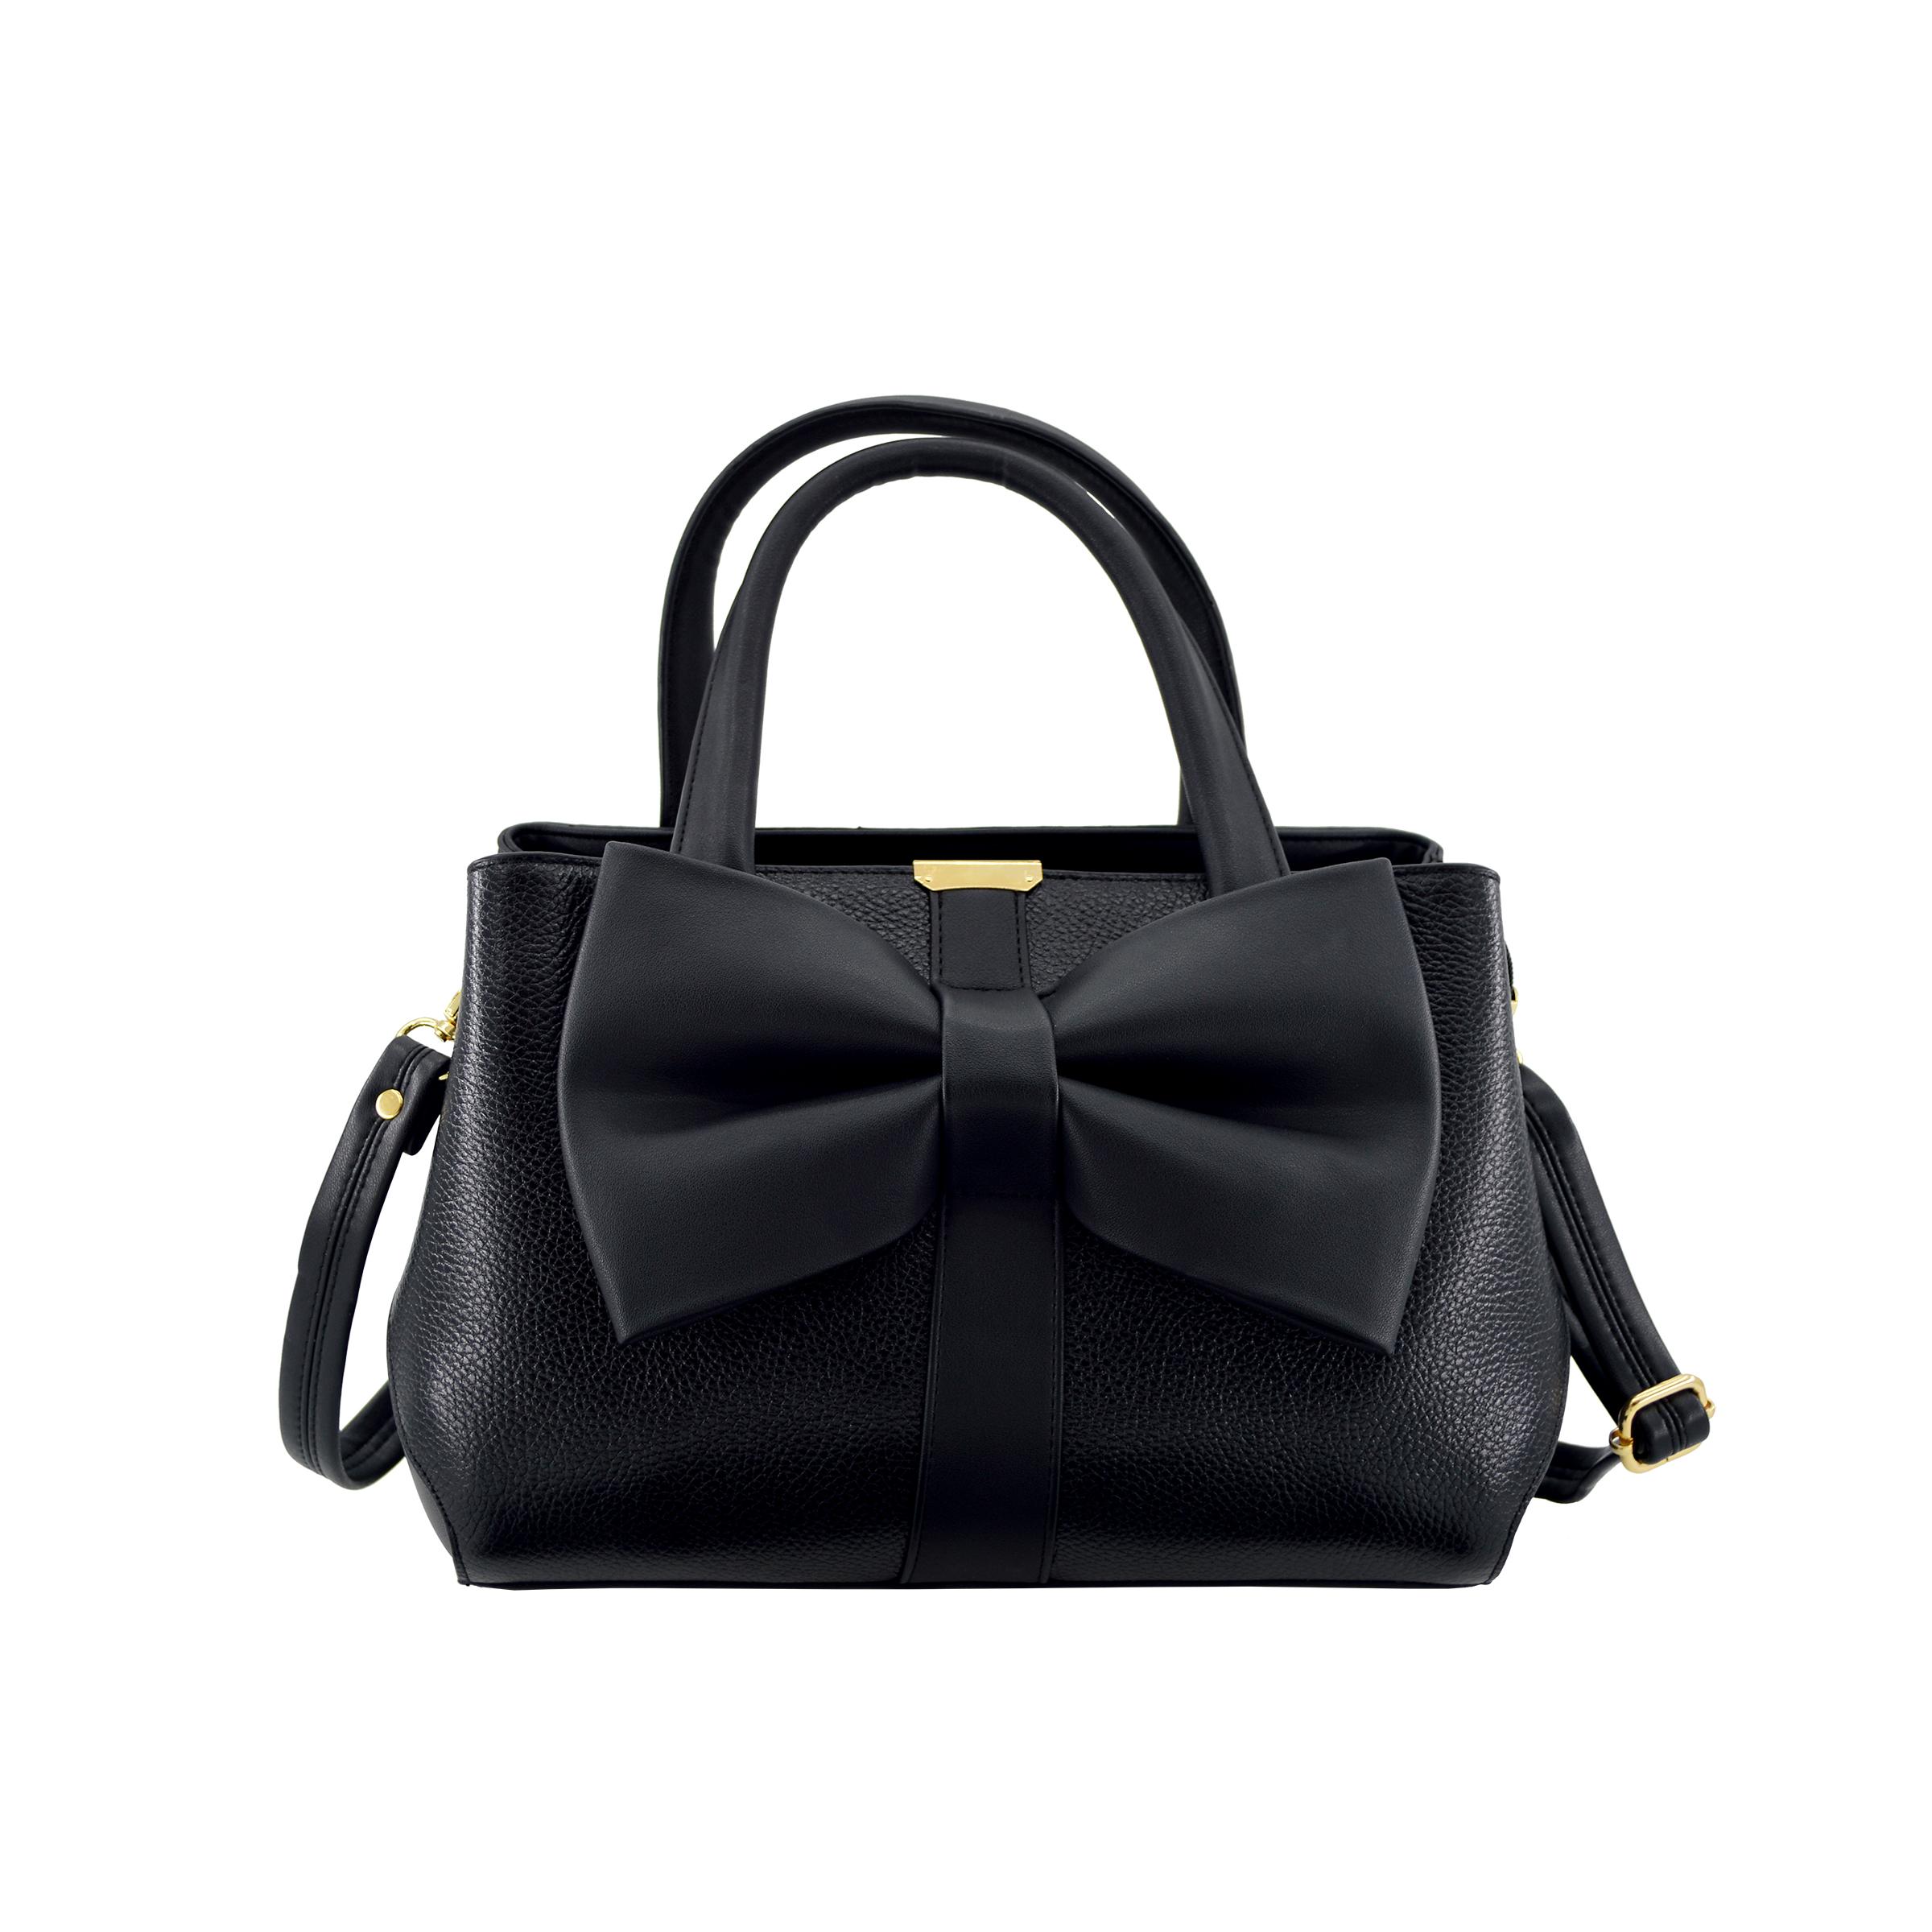 کیف دستی زنانه چرم مکس مدل آلدورا 11301